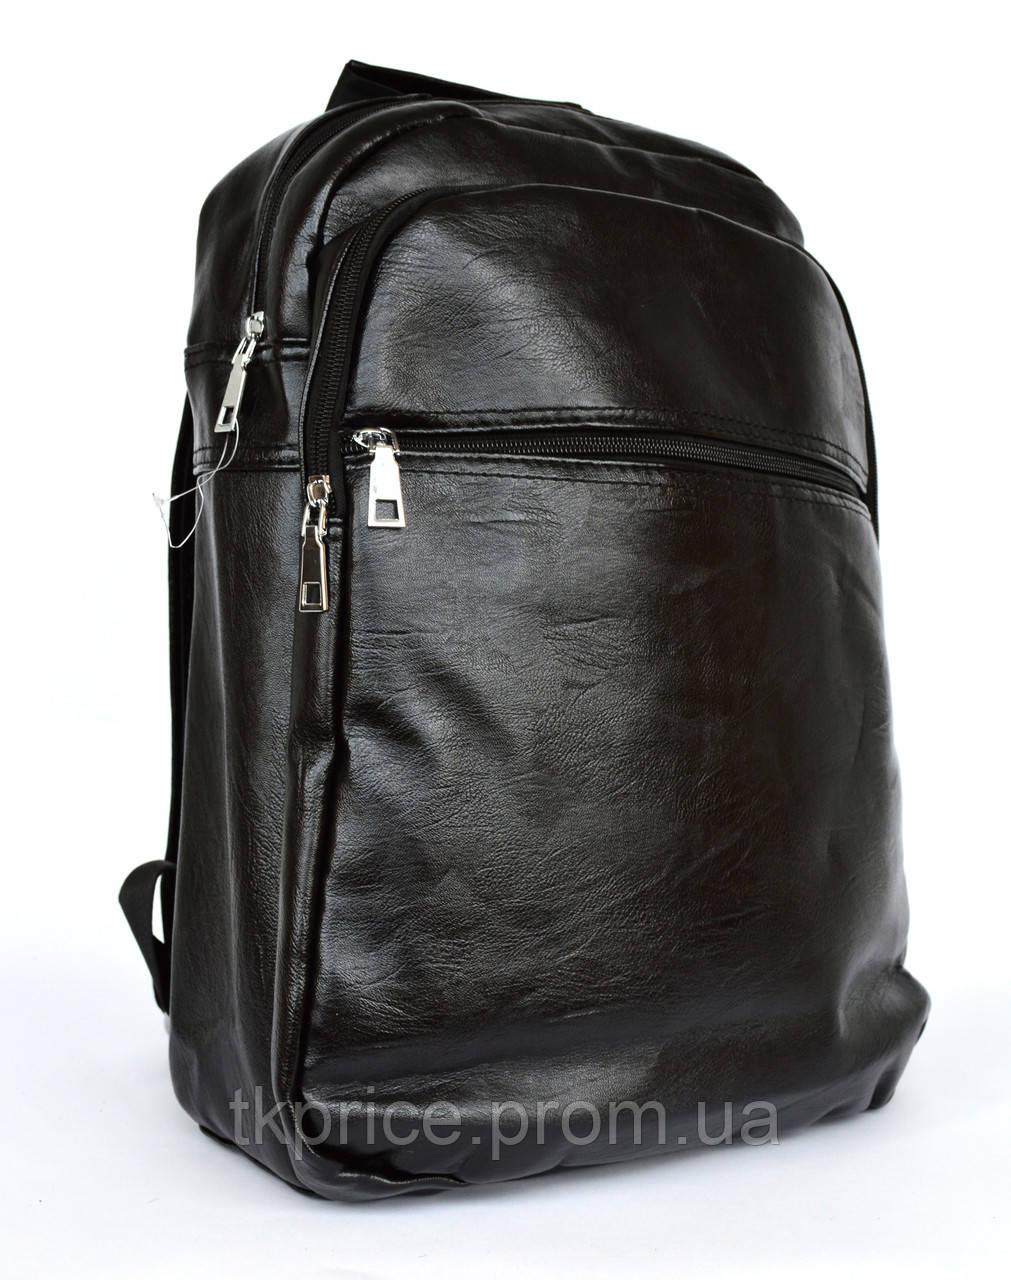 Качественый универсальный рюкзак с эко-кожи  8131